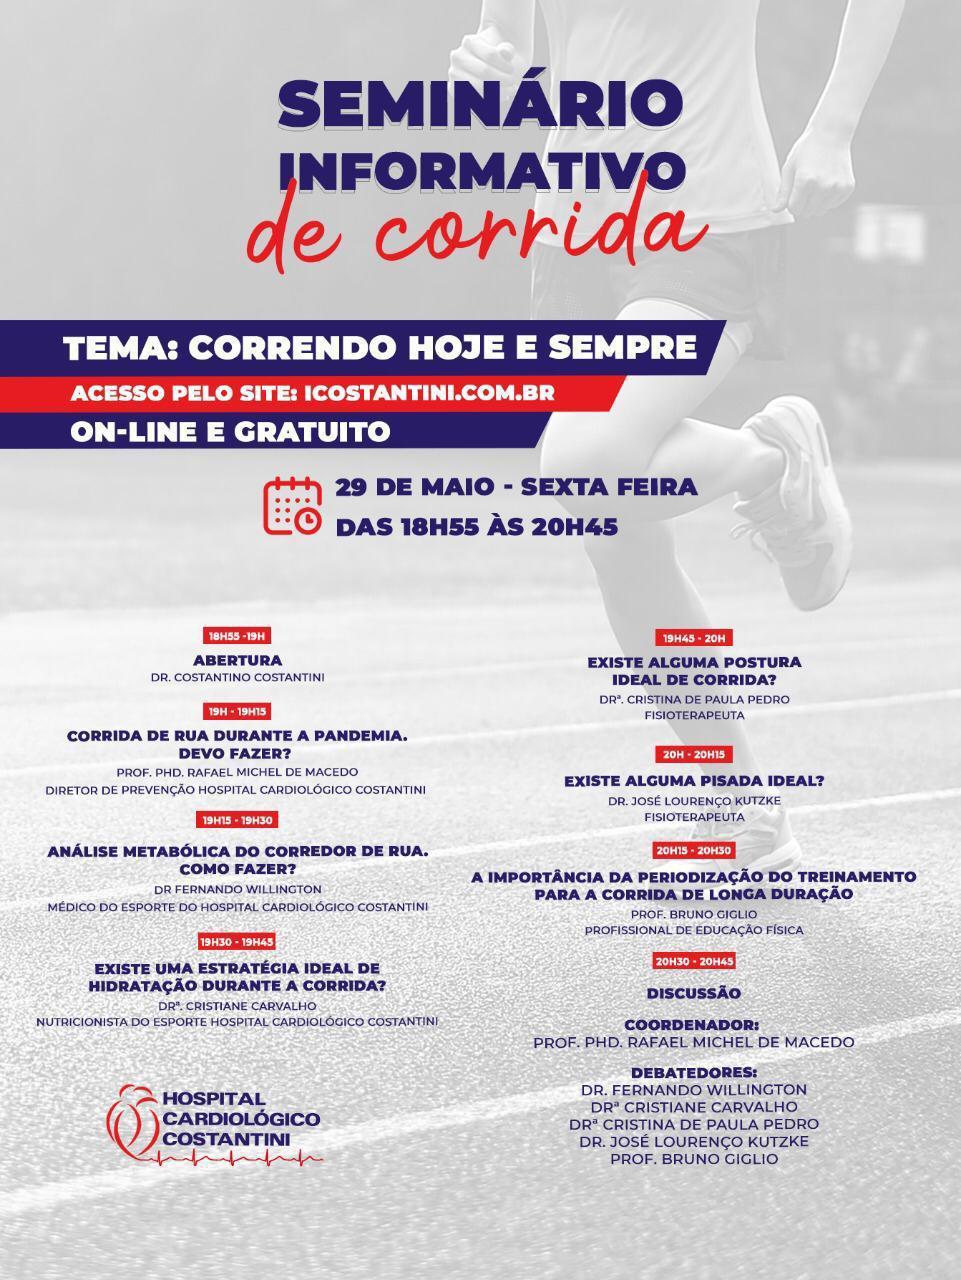 Agenda: Hospital Cardiológico Costantini realiza evento gratuito e on-line sobre Corrida de Rua